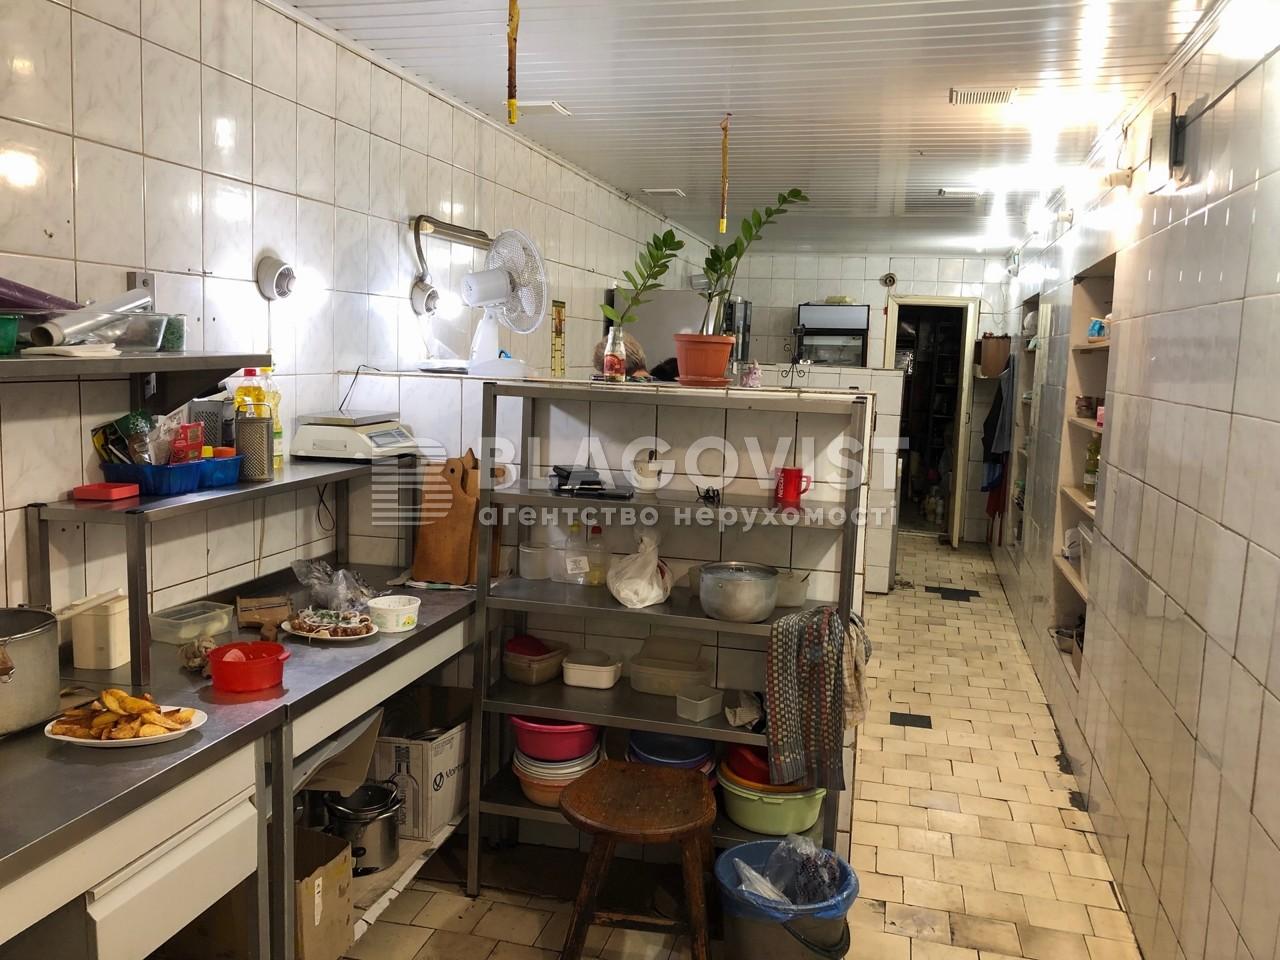 Ресторан, A-110717, Дегтярівська, Київ - Фото 14